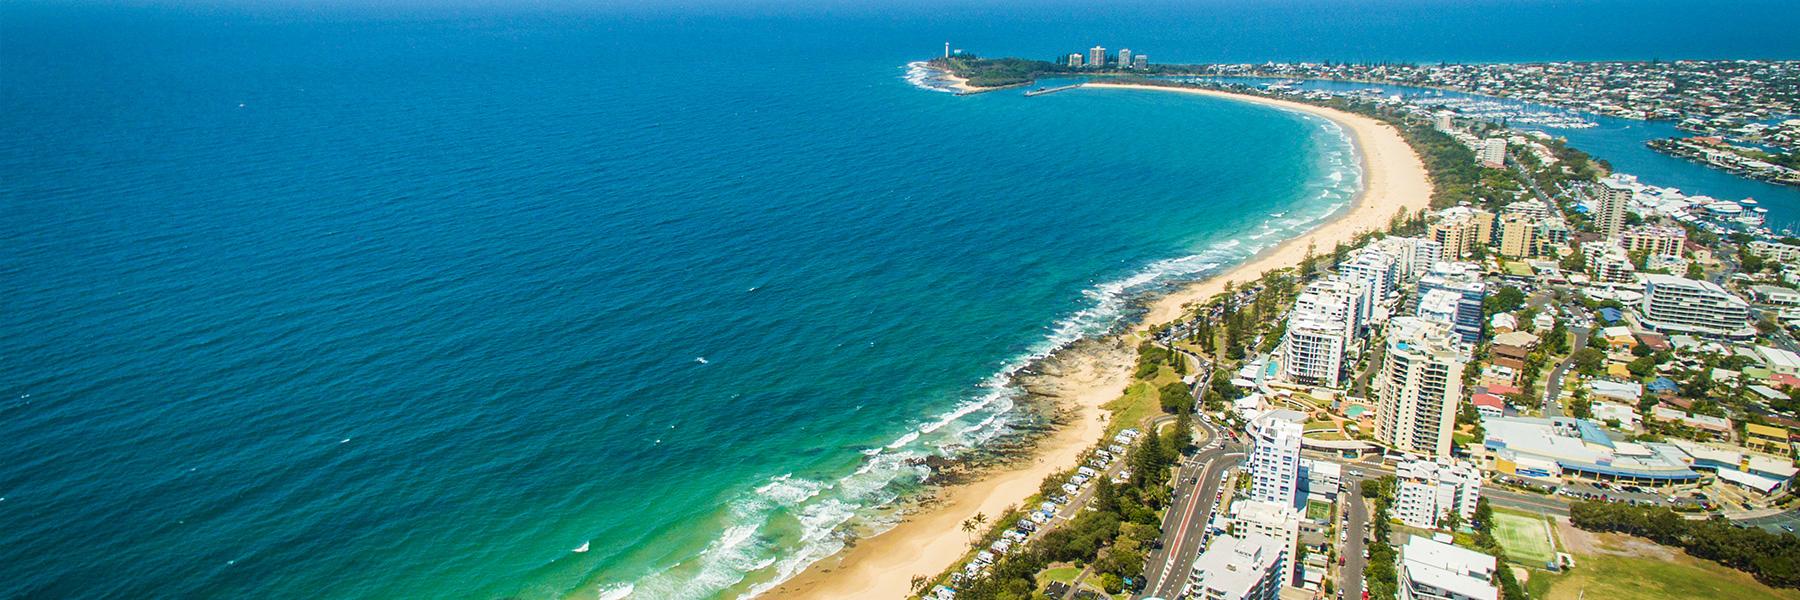 Shoreline of IRONMAN 70.3 Sunshine Coast